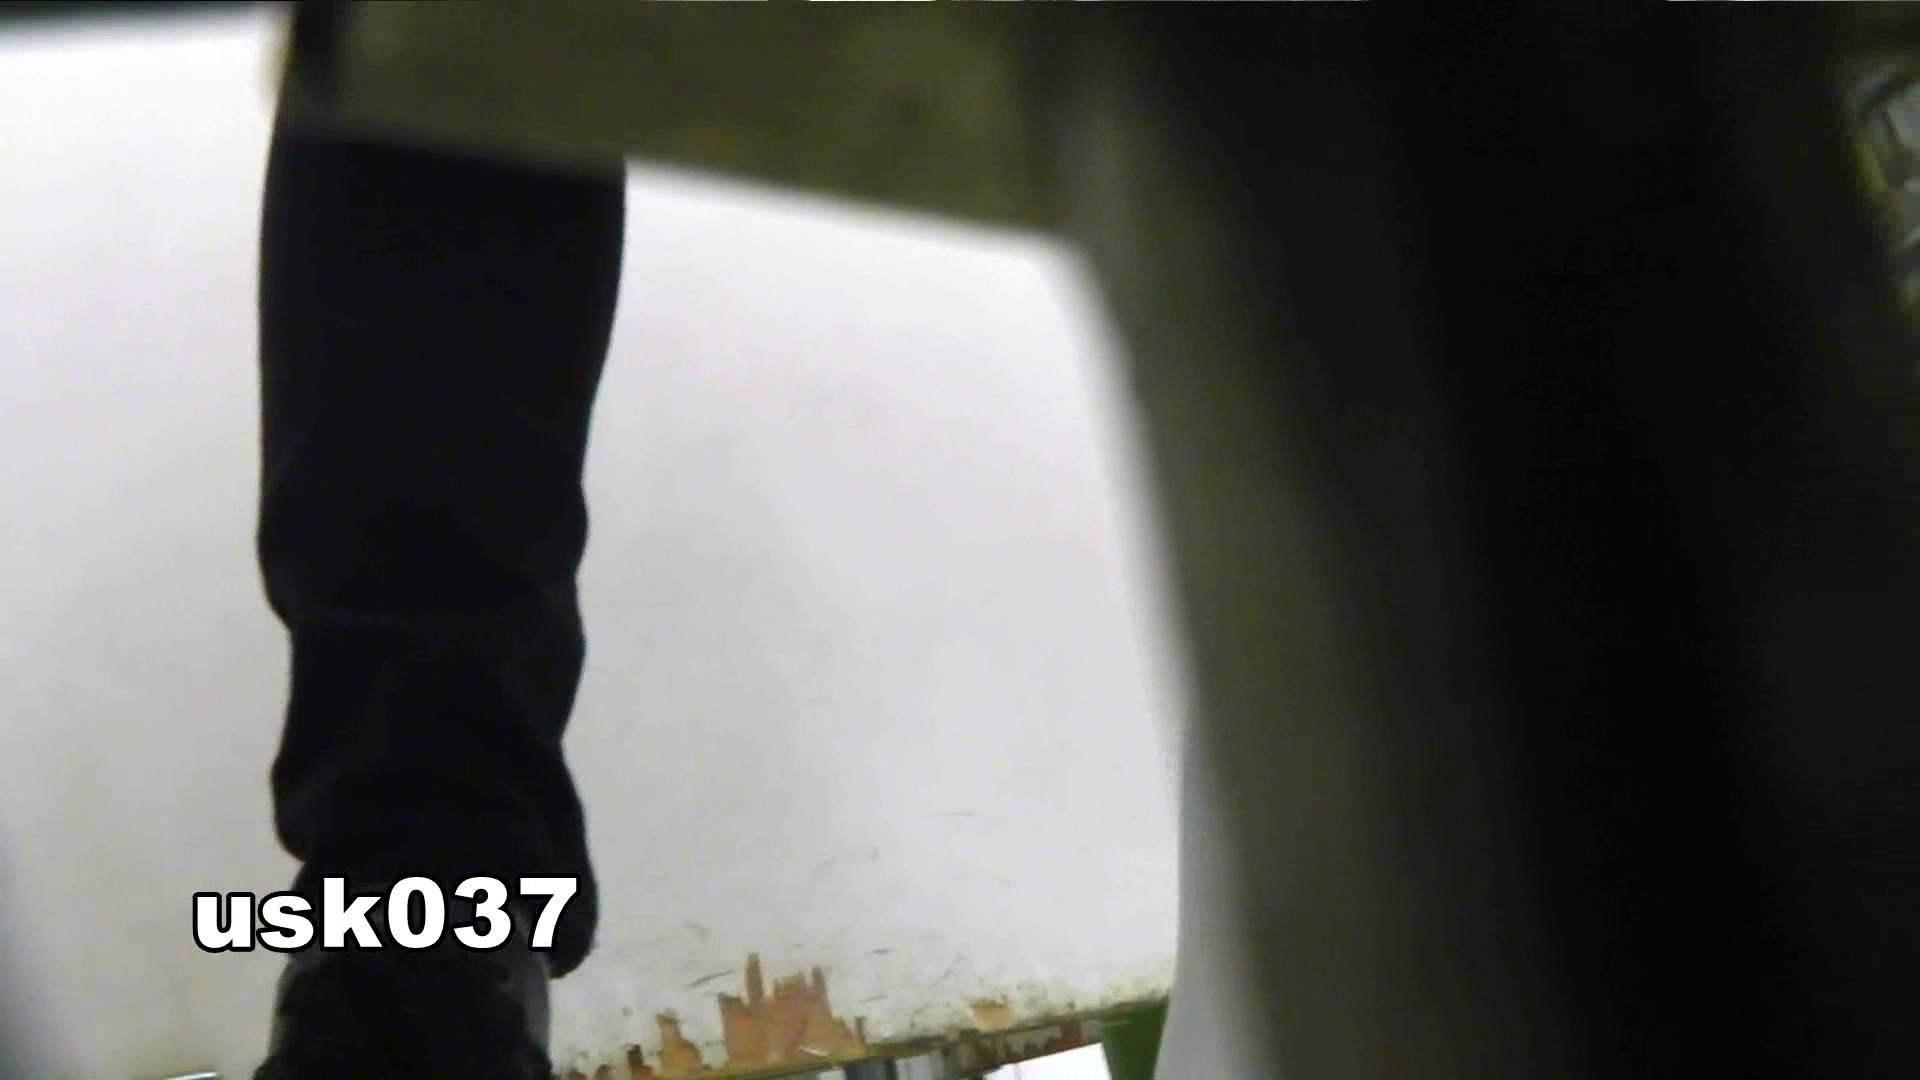 【美しき個室な世界】 vol.037 ひねり出す様子(フトイです) 高画質 ワレメ動画紹介 51画像 23